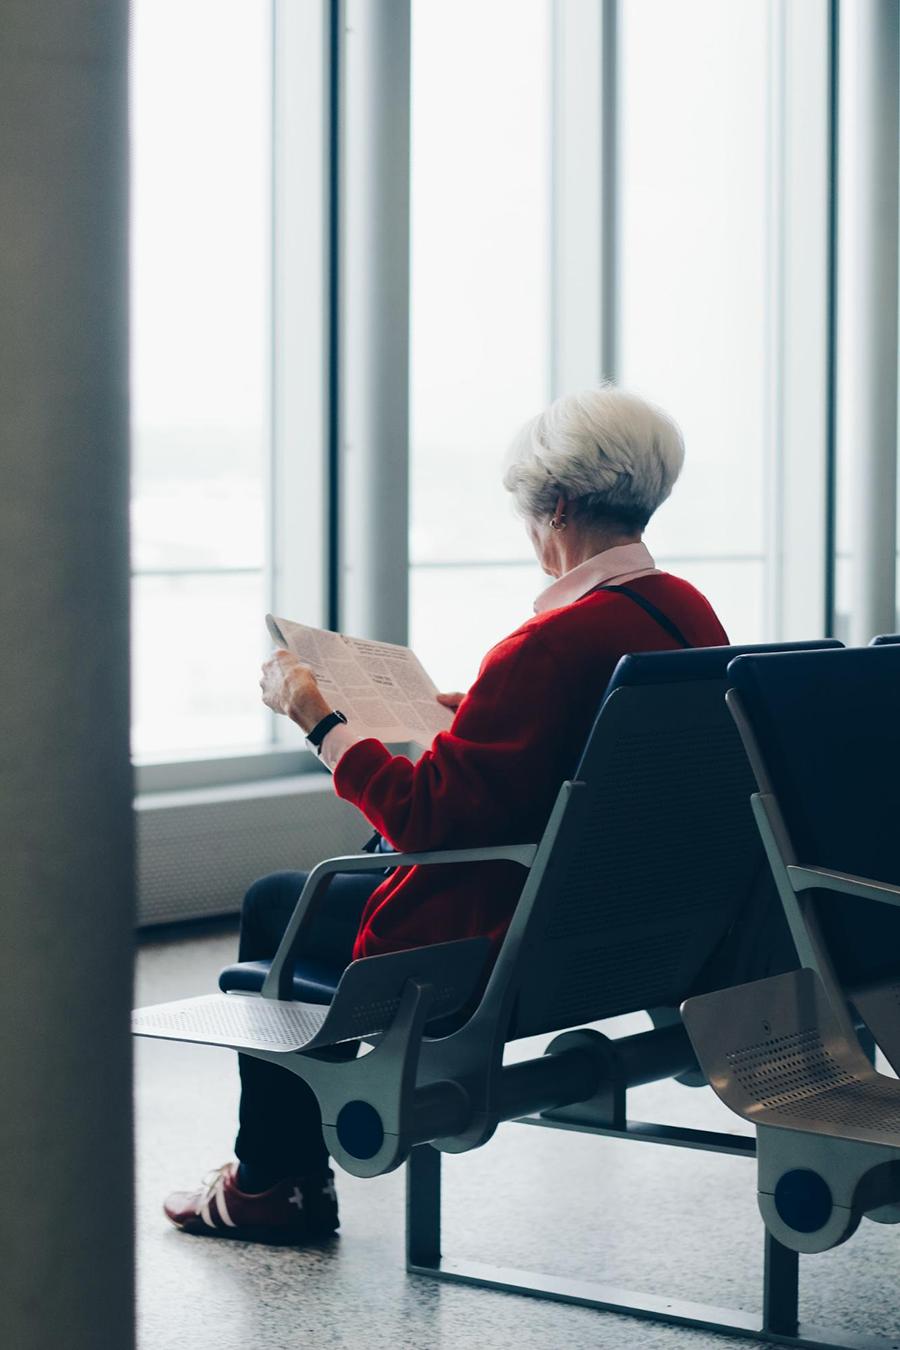 Air quality causing alzheimer's and dementia